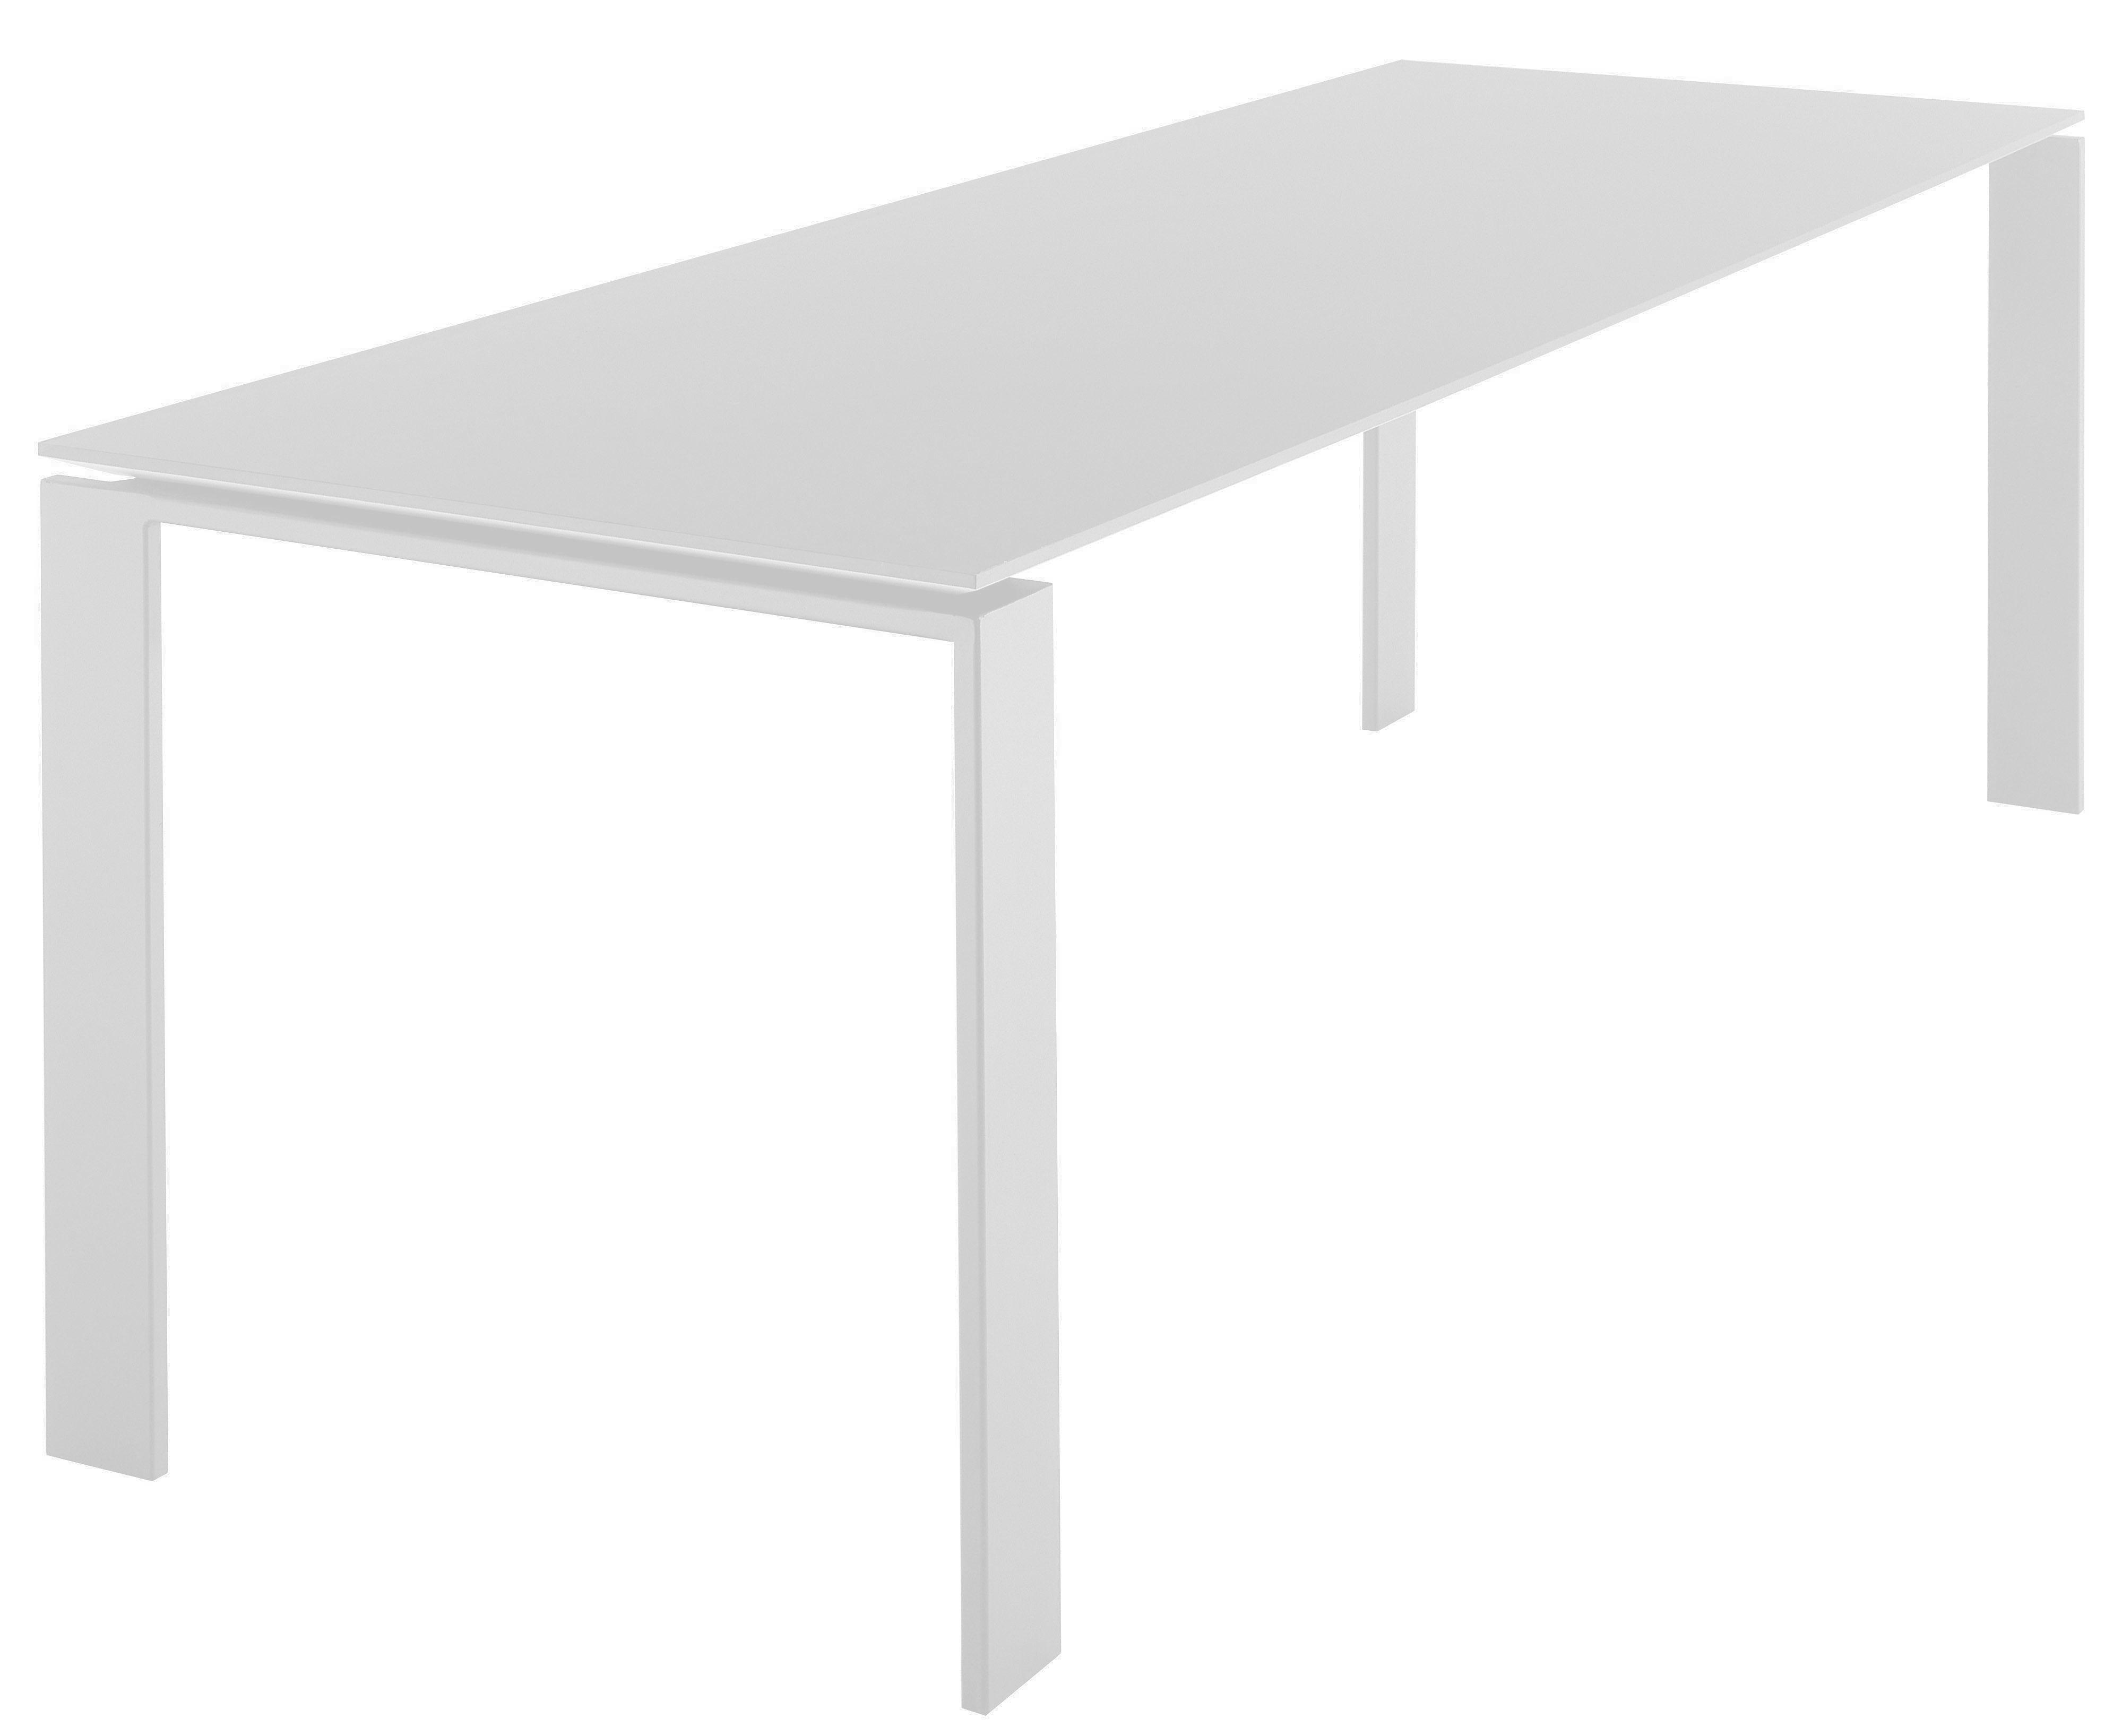 Möbel - Tische - Four rechteckiger Tisch - Kartell - Weiß 223 cm - gefirnister Stahl, Laminat